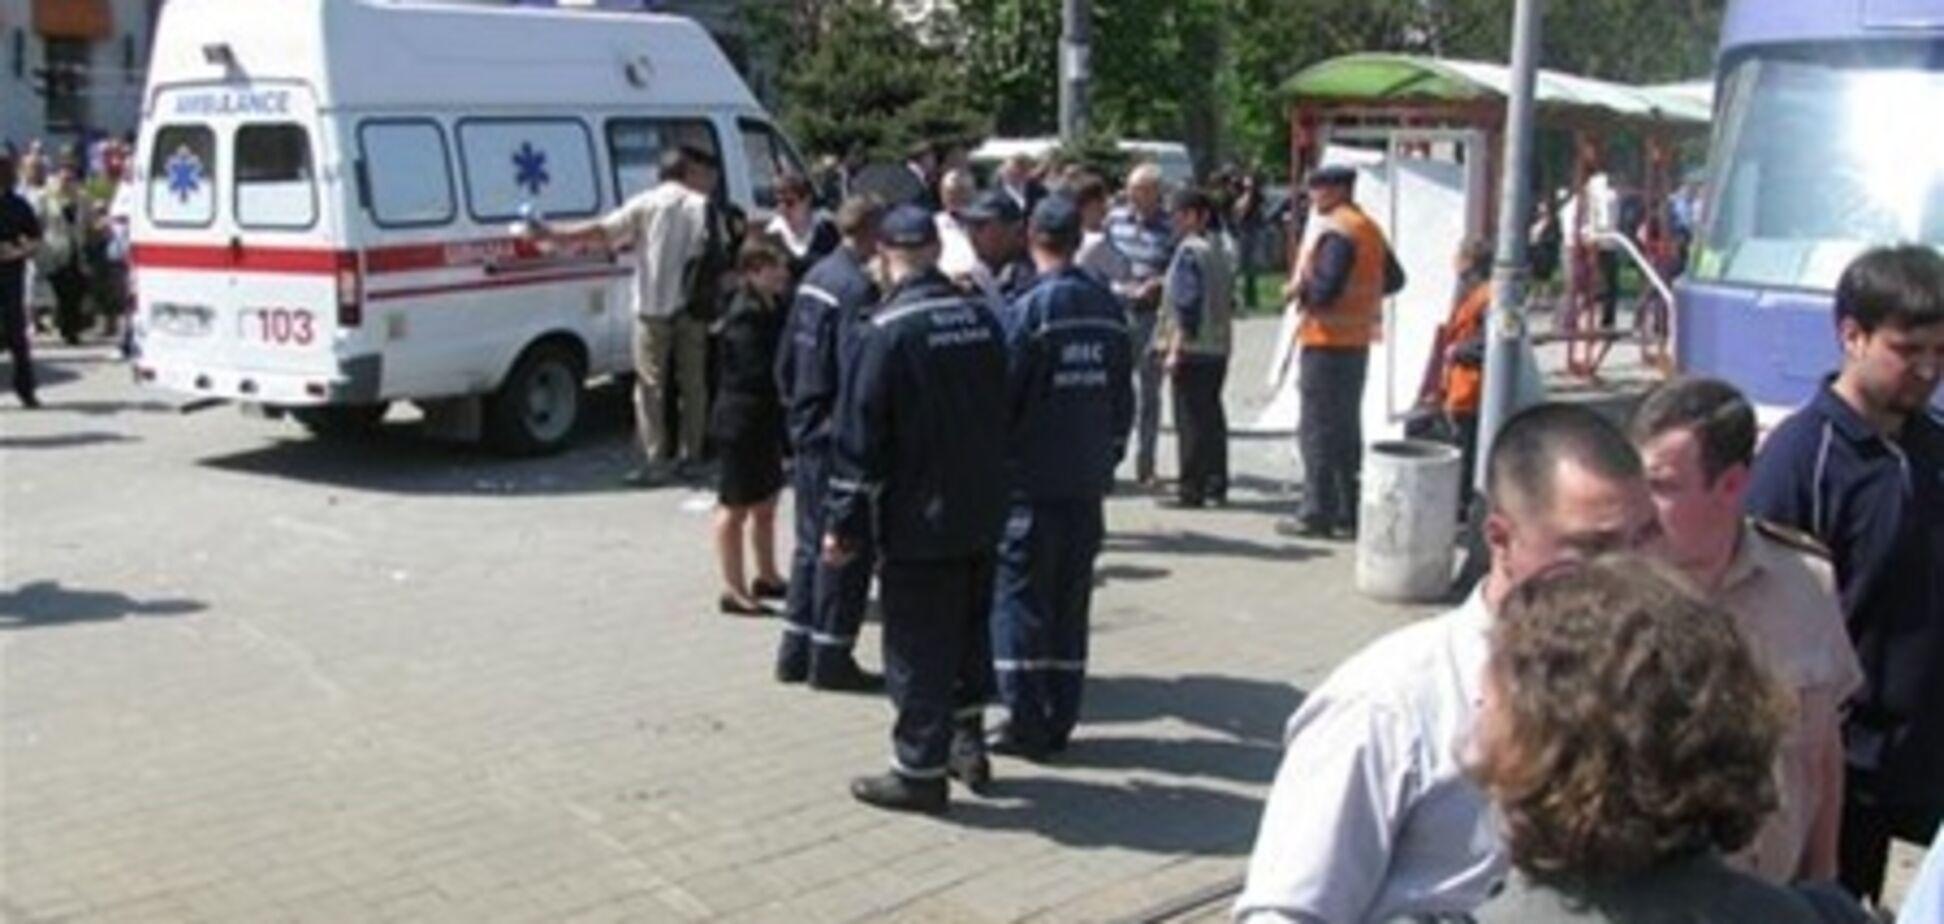 Україна просить міжнародні організації допомогу в розкритті терактів